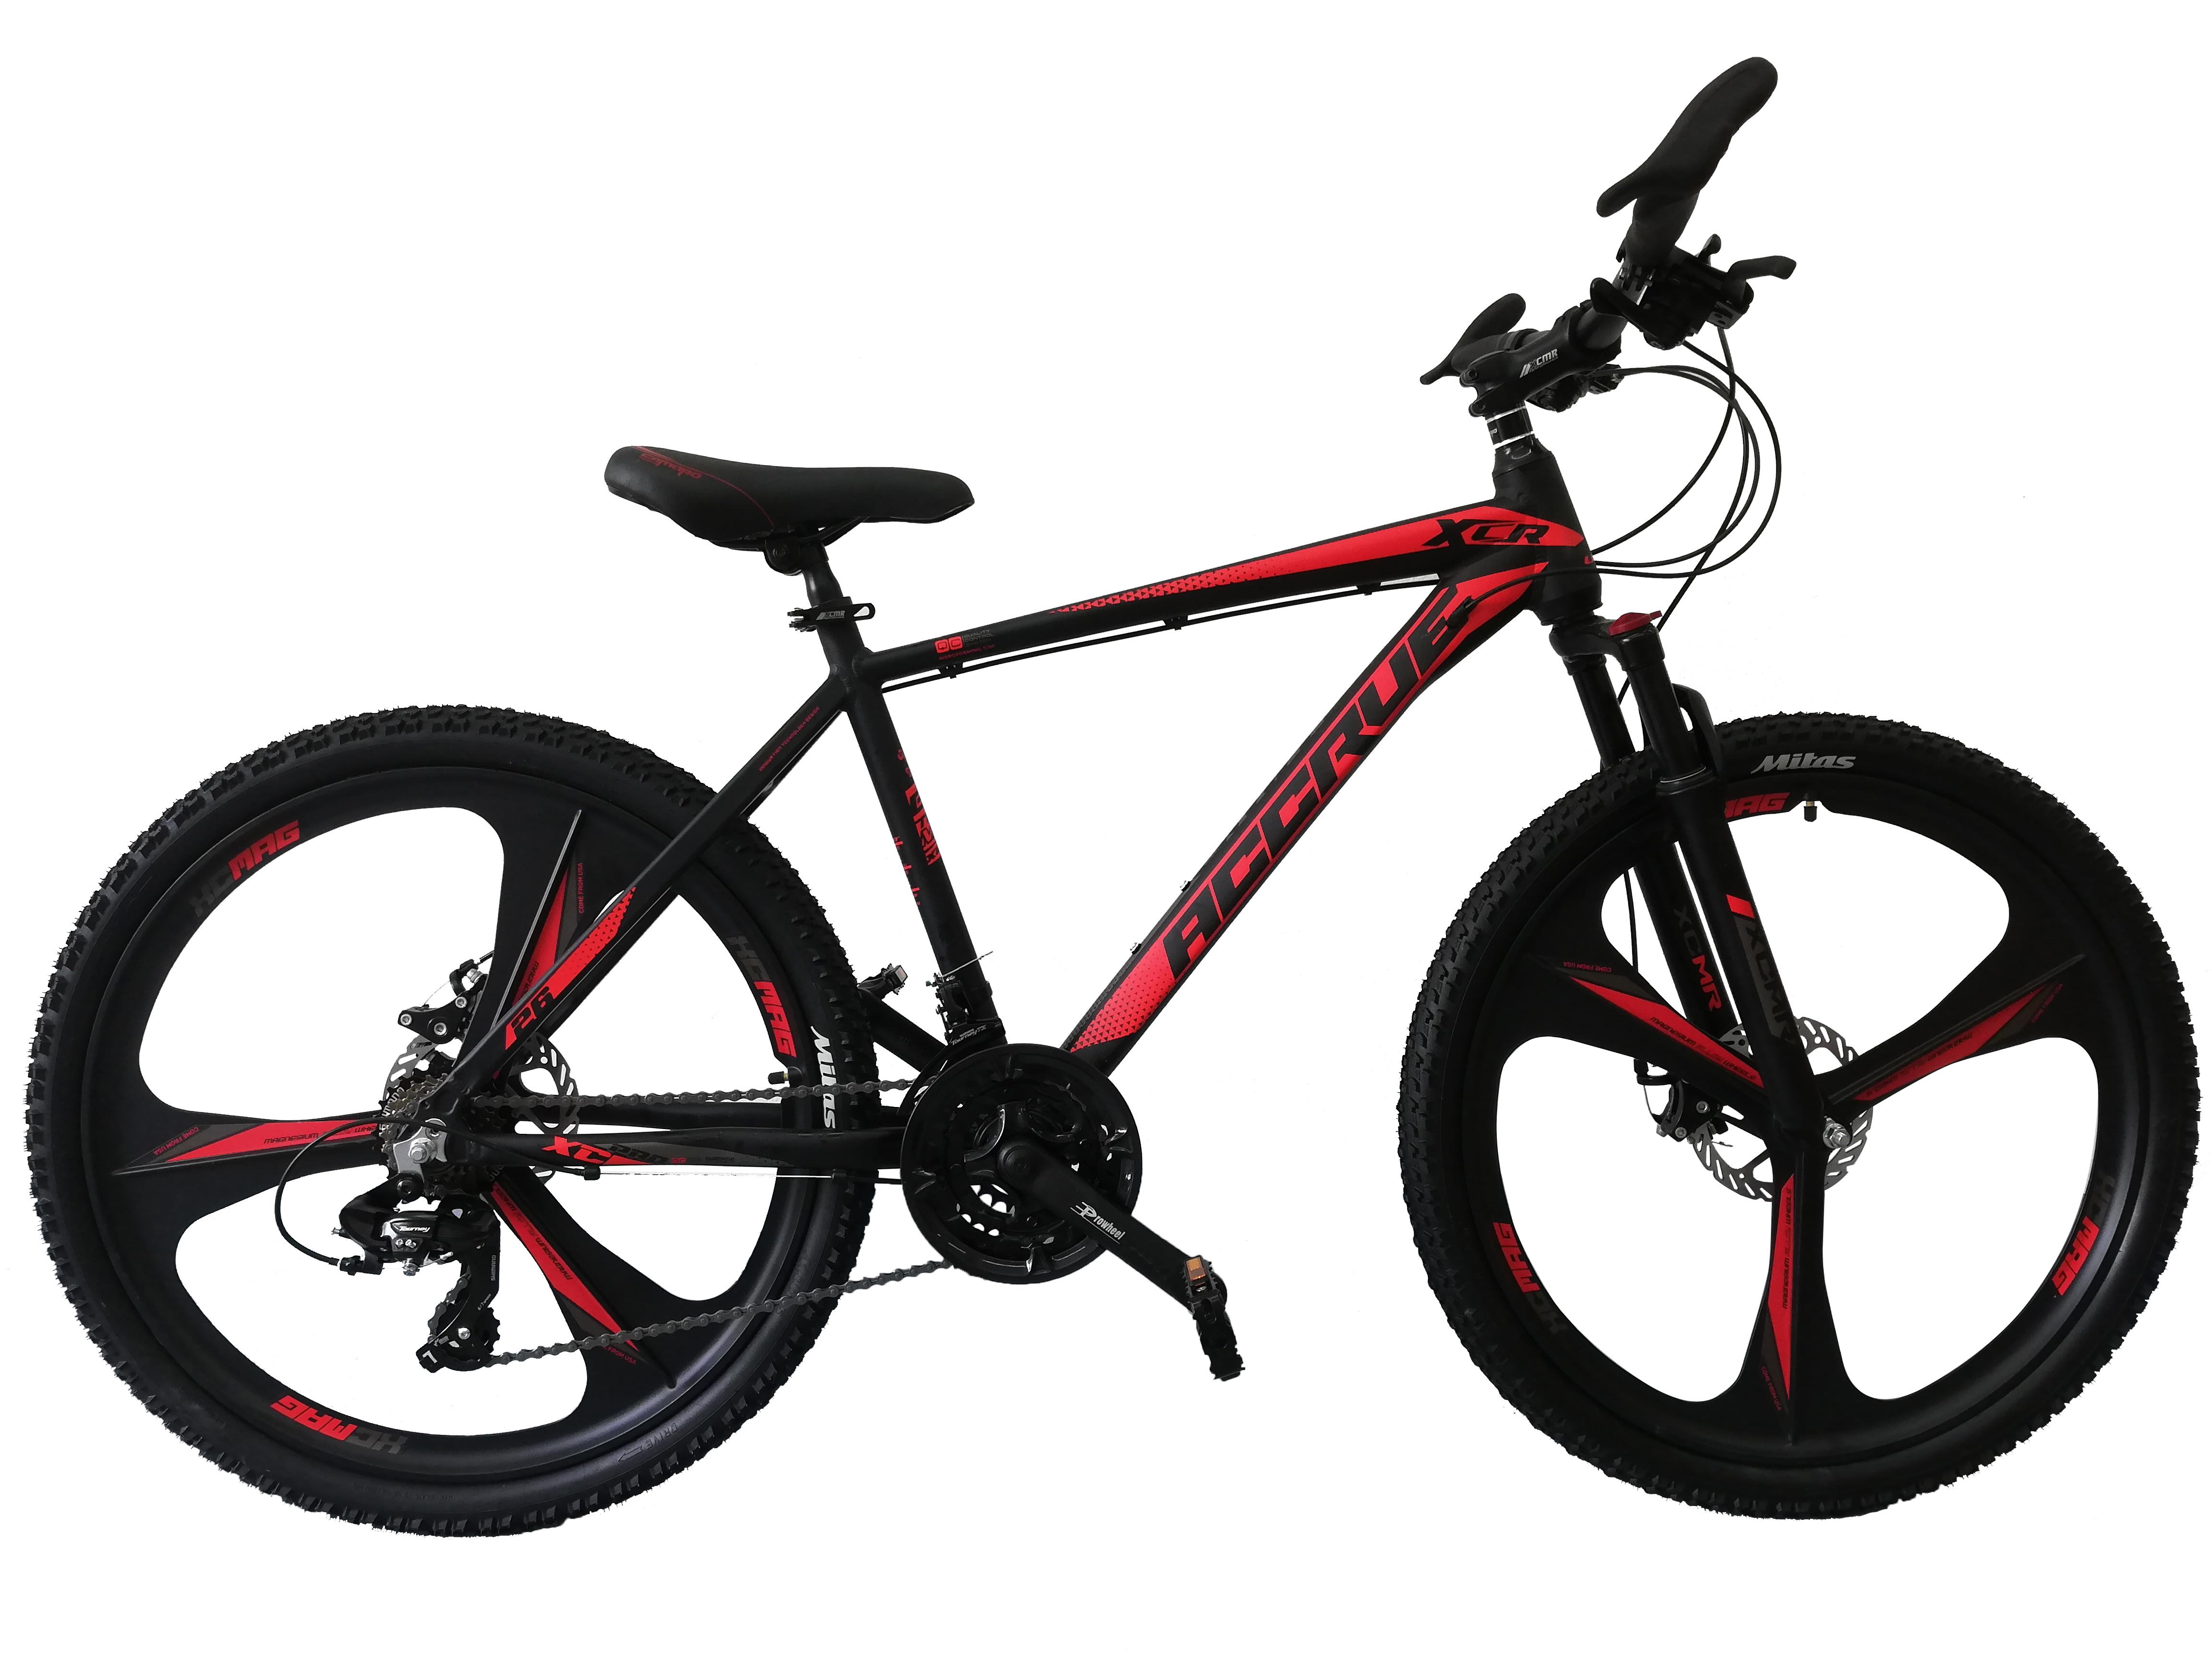 """Bicicleta MTB Umit Accrue 2D , Cadru 18"""" , 21 Viteze , Culoare Negru/Rosu Roata 26"""" [0]"""